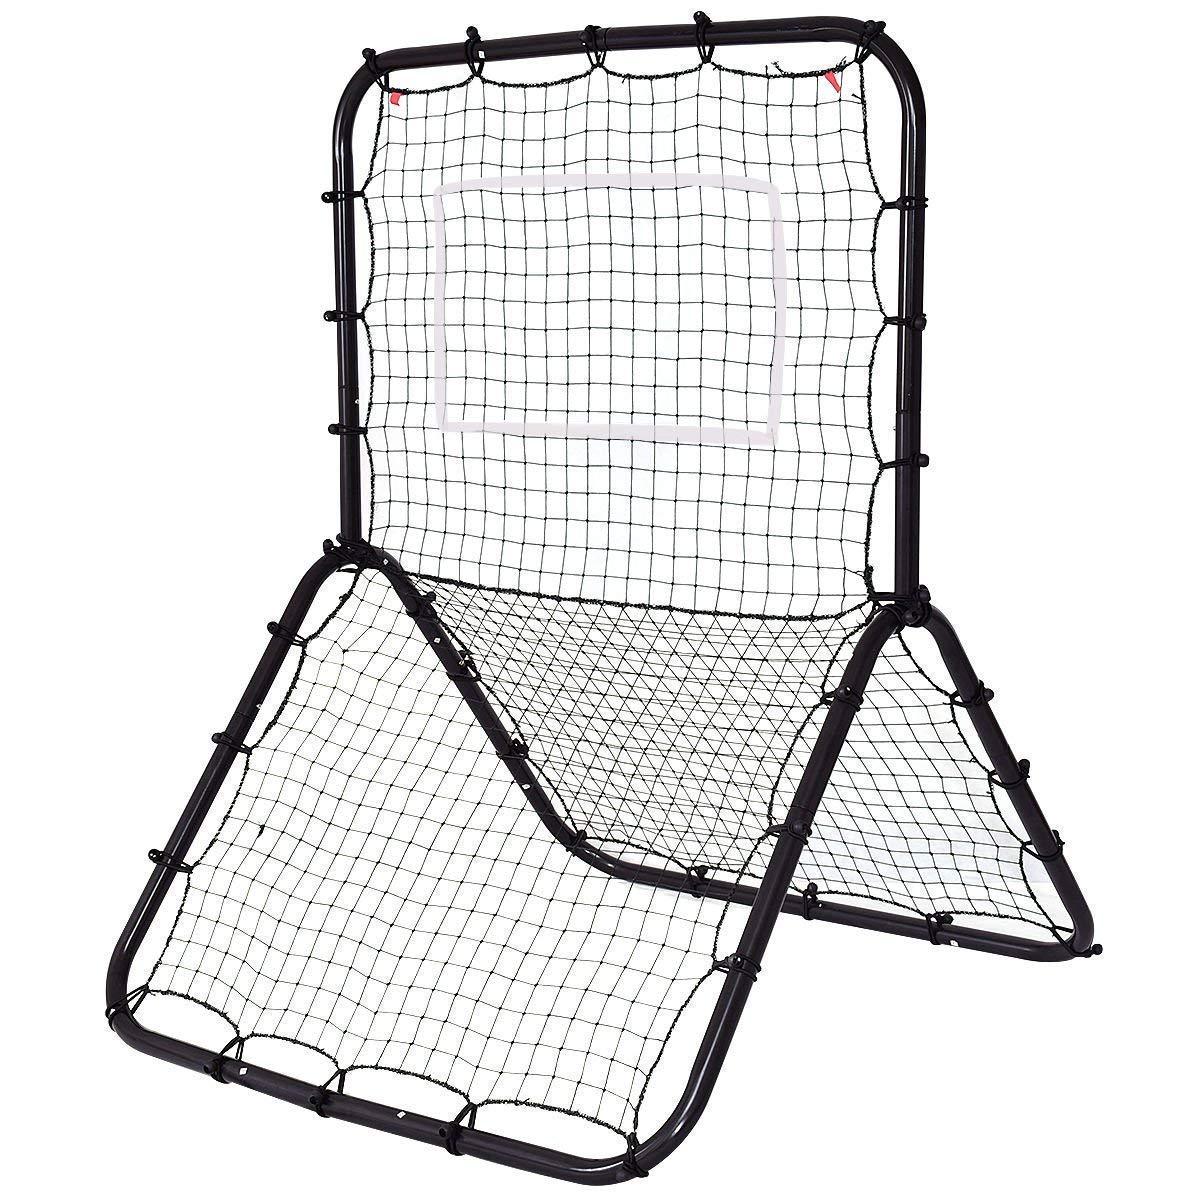 Buy NET PLAYZ Smart Baseball Trainer Combo with 1 set